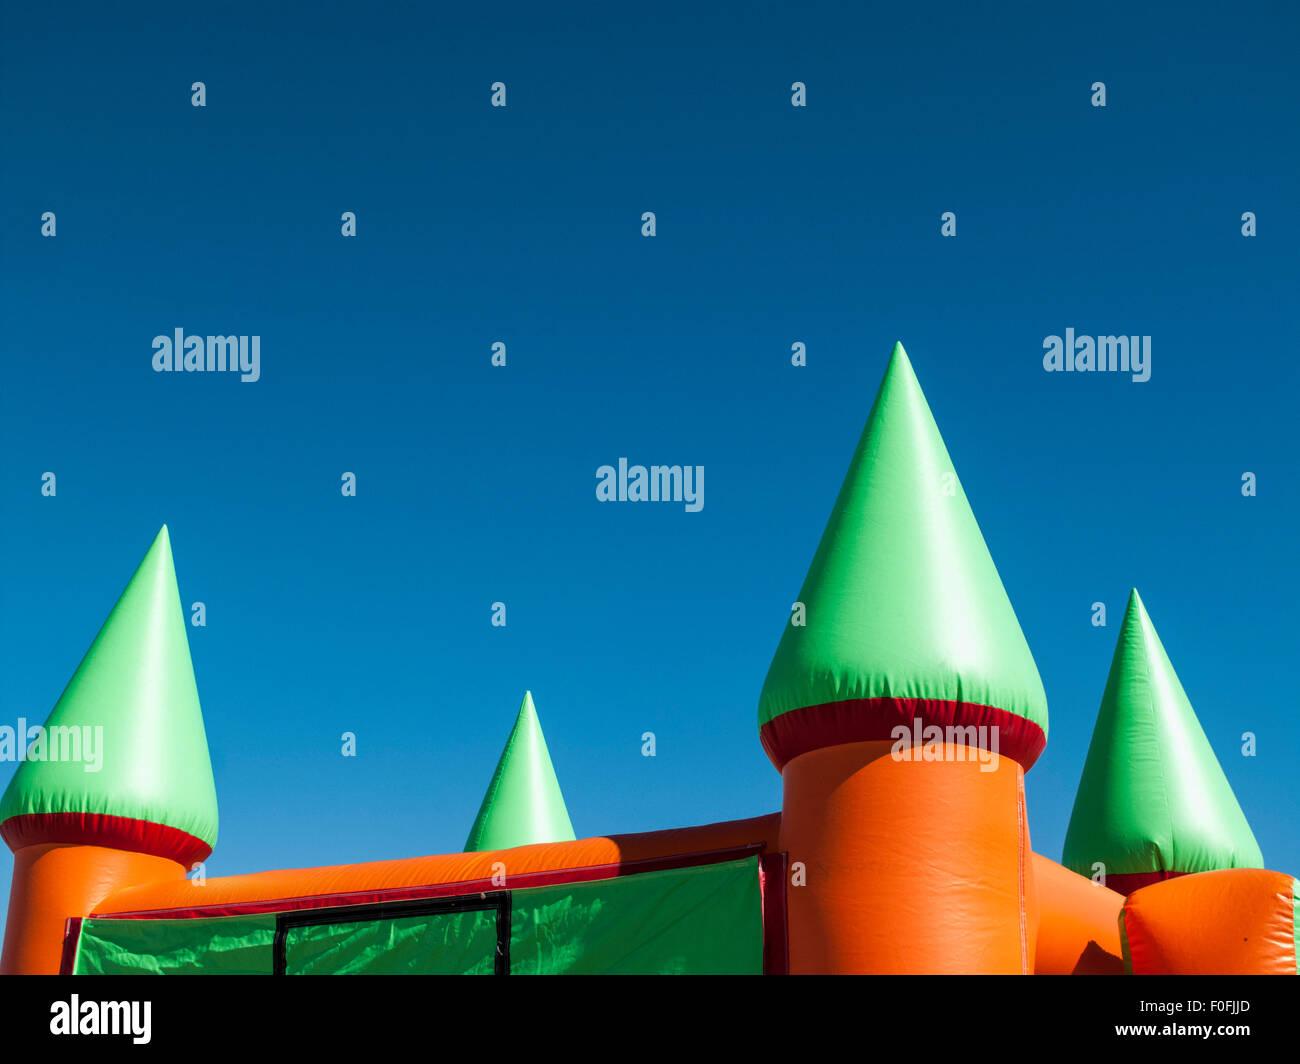 Bounce Burgtürme gegen blauen Himmel Stockbild